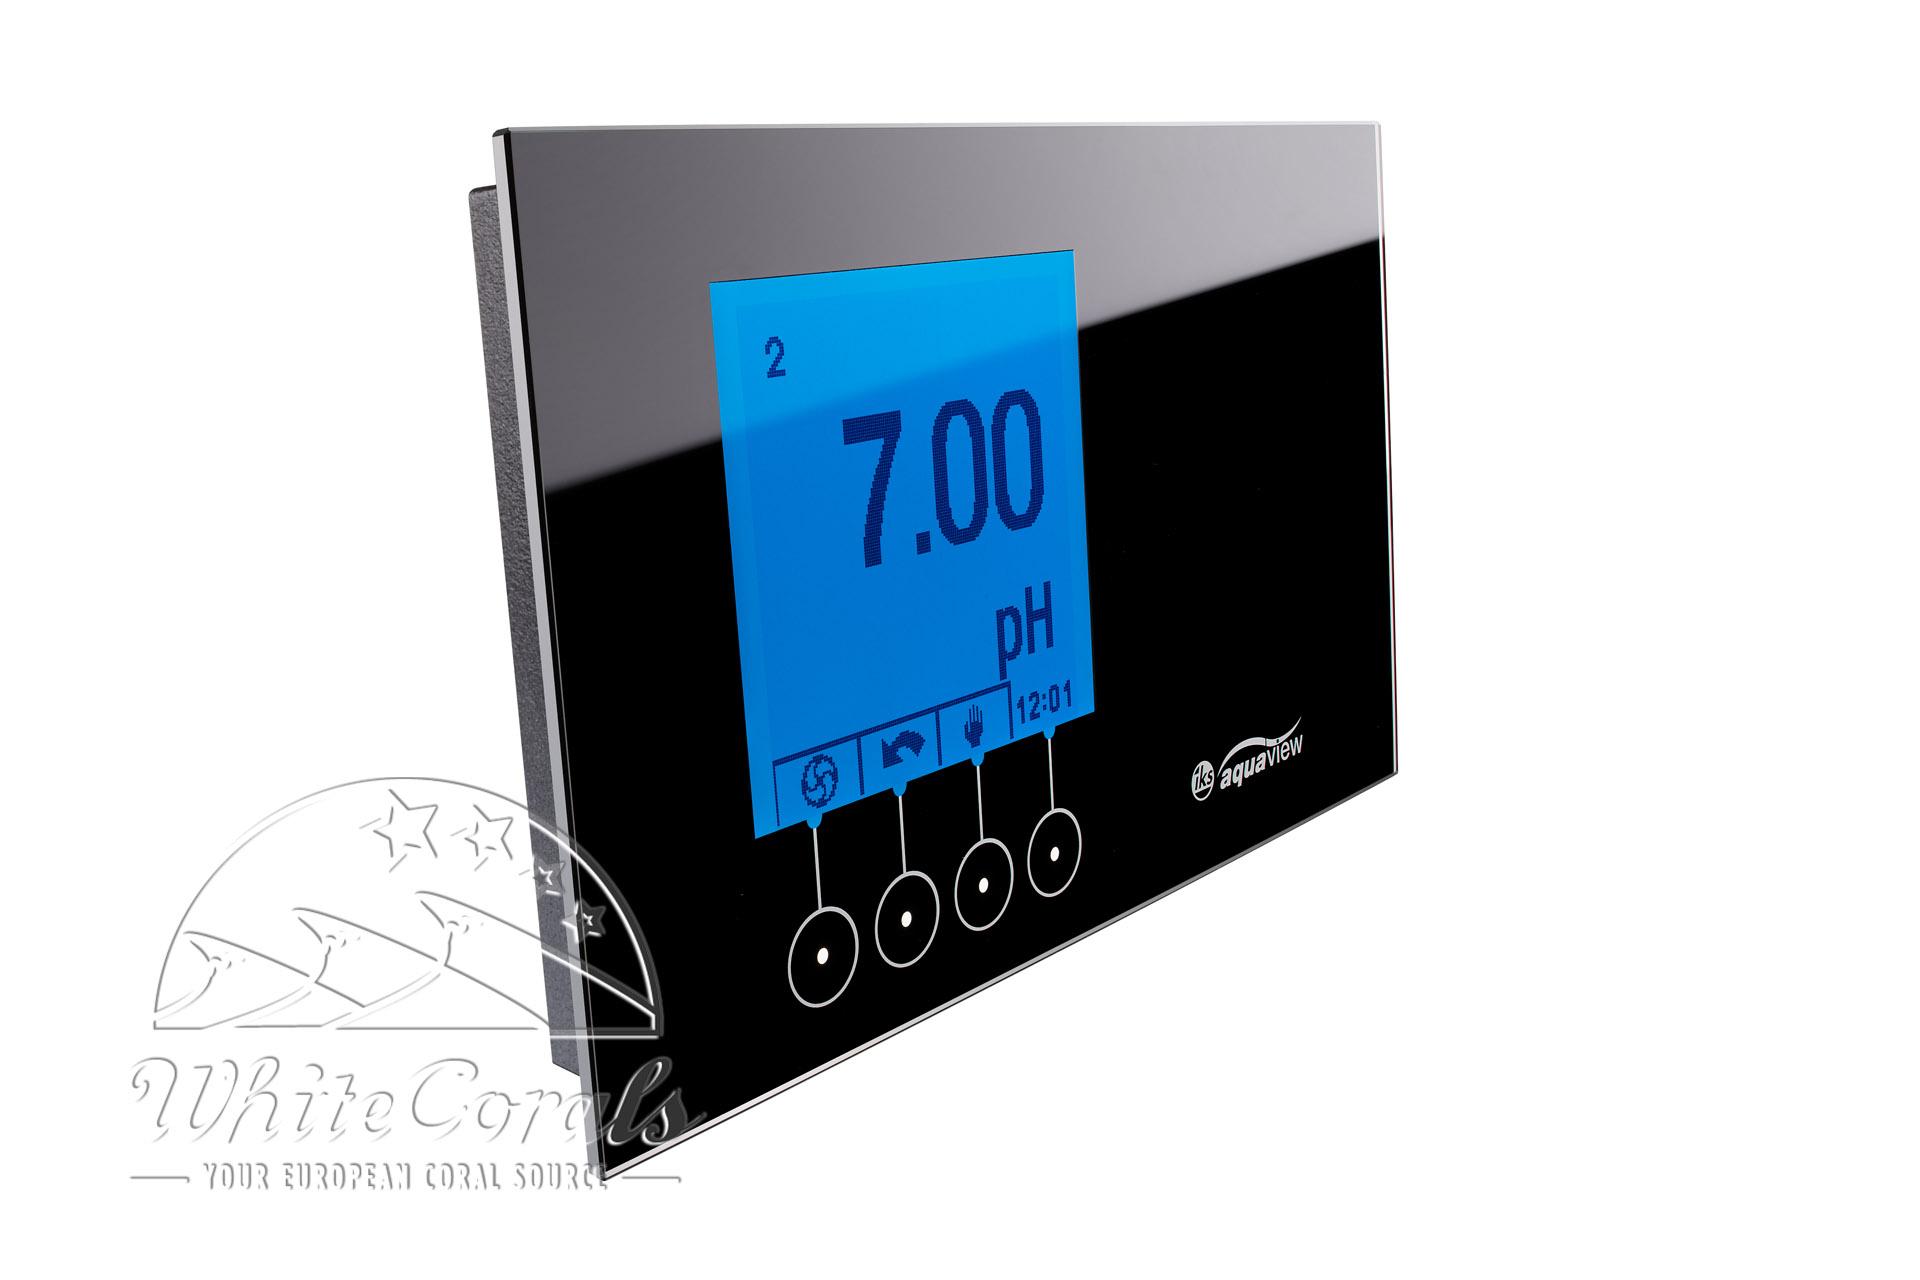 iks aquaview Externes Grafik-Touch-Display